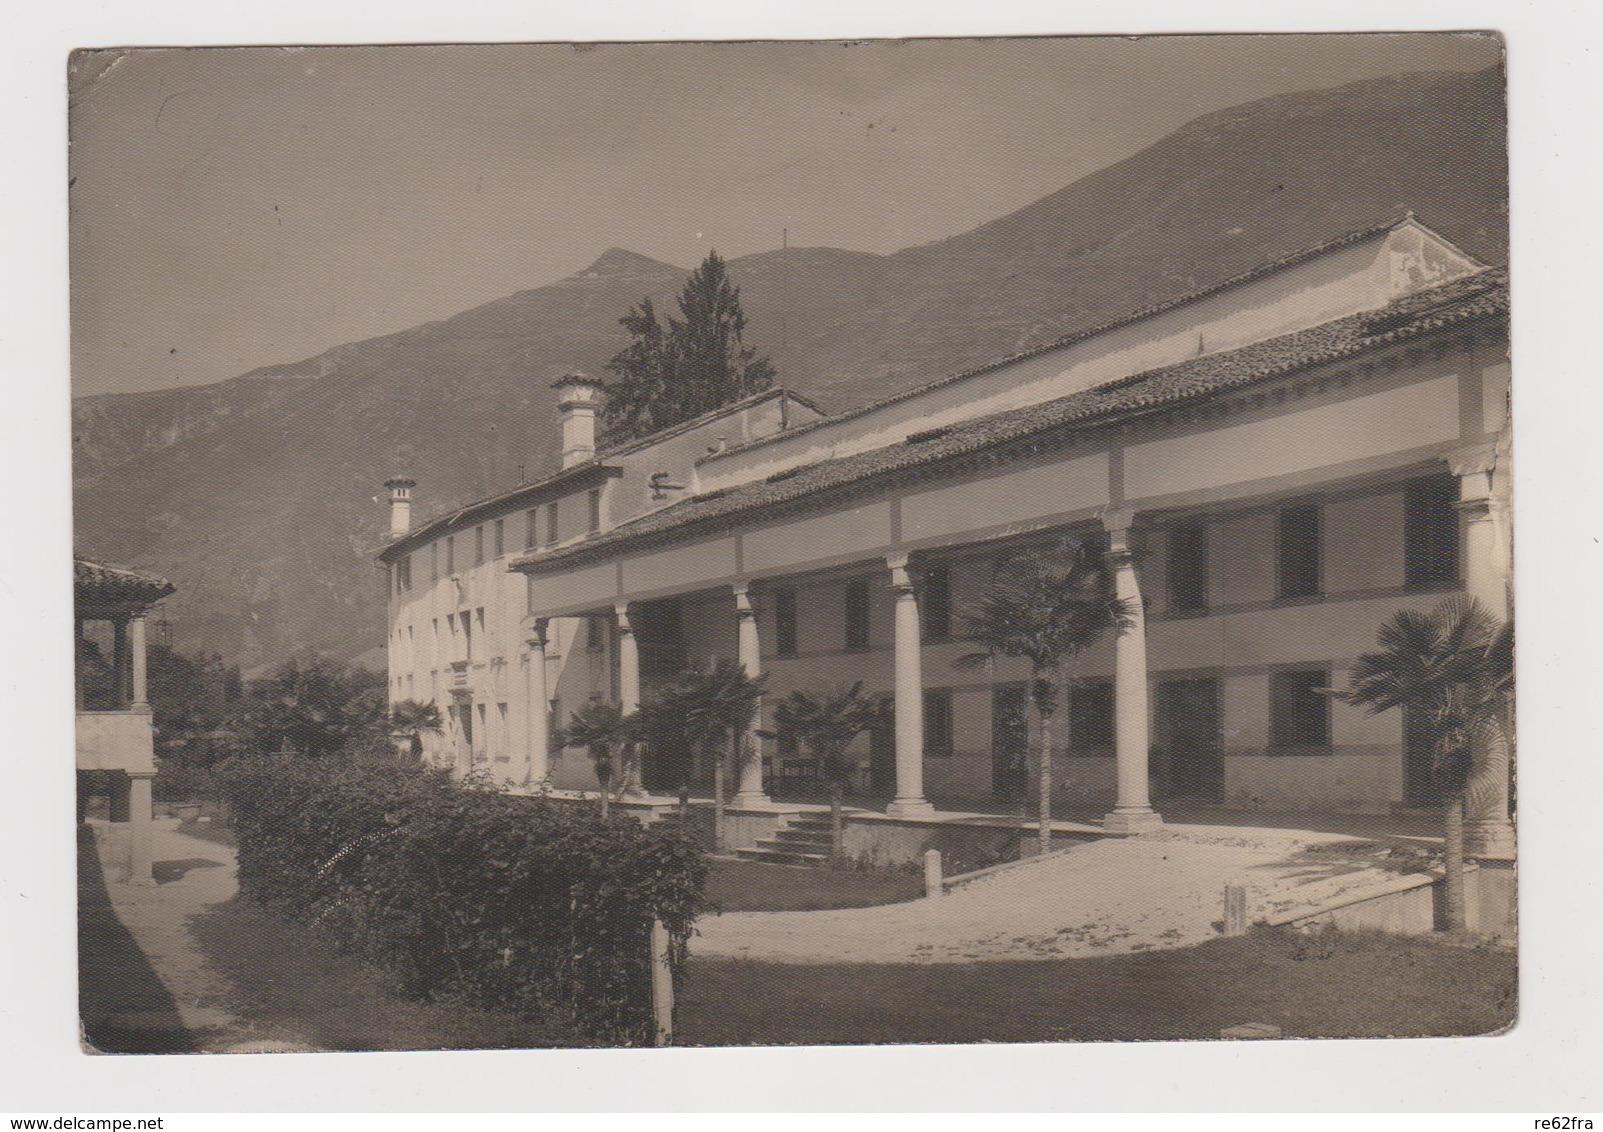 CRESPANO Del GRAPPA  (TV), La Gherla Villa Manfrotto Canal, Fotografica Bresolin  - F.G. - Anni  '1940 - Treviso